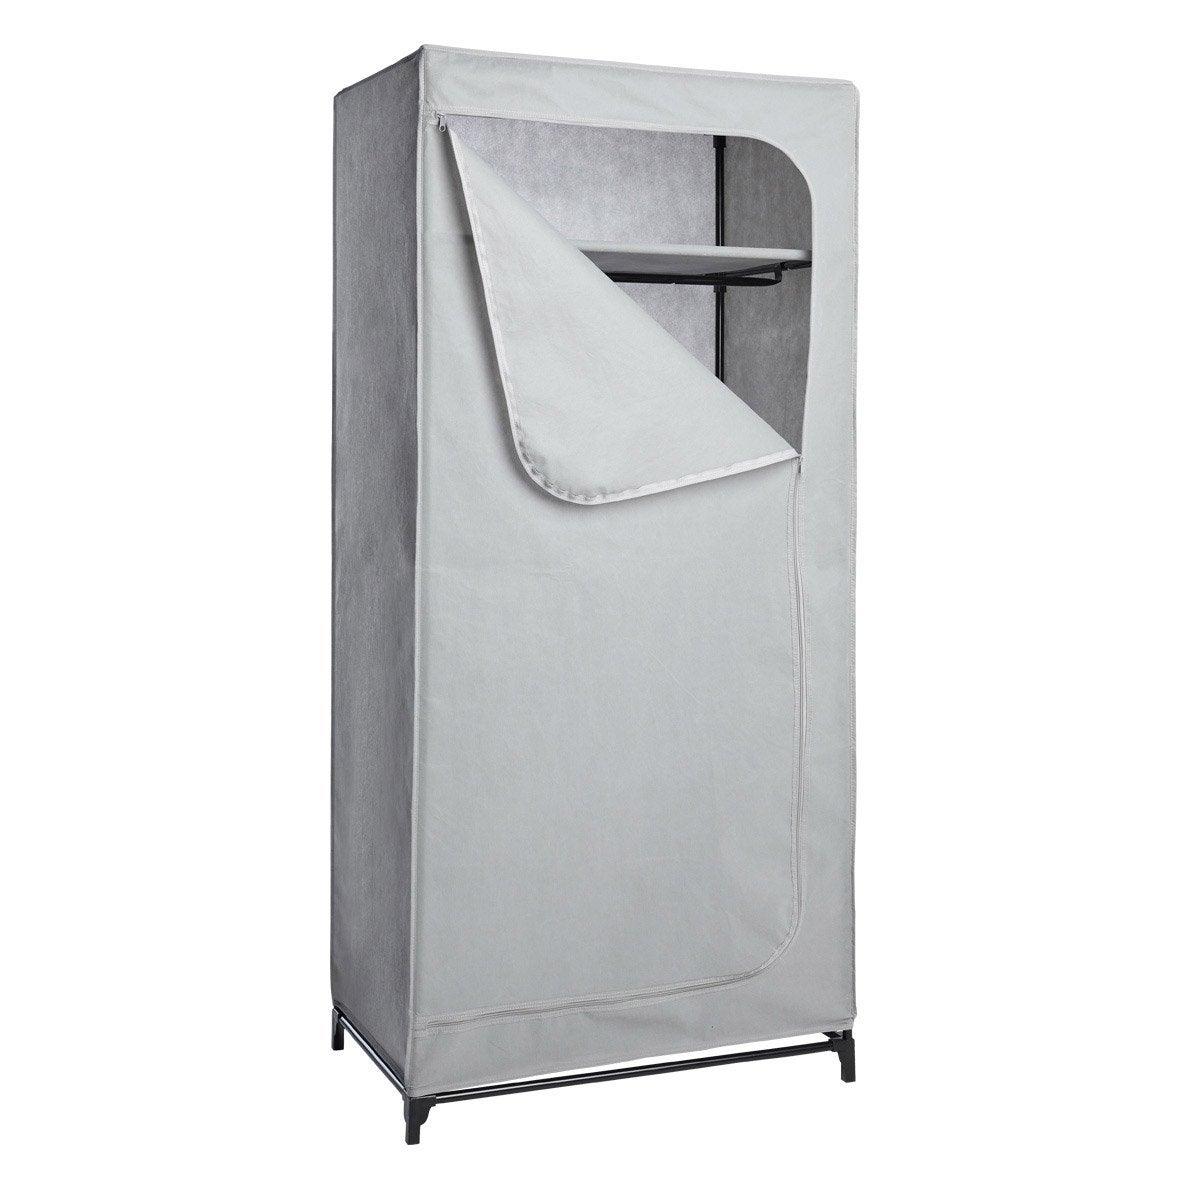 penderie et housse gris acier et intiss spaceo x x cm leroy merlin. Black Bedroom Furniture Sets. Home Design Ideas